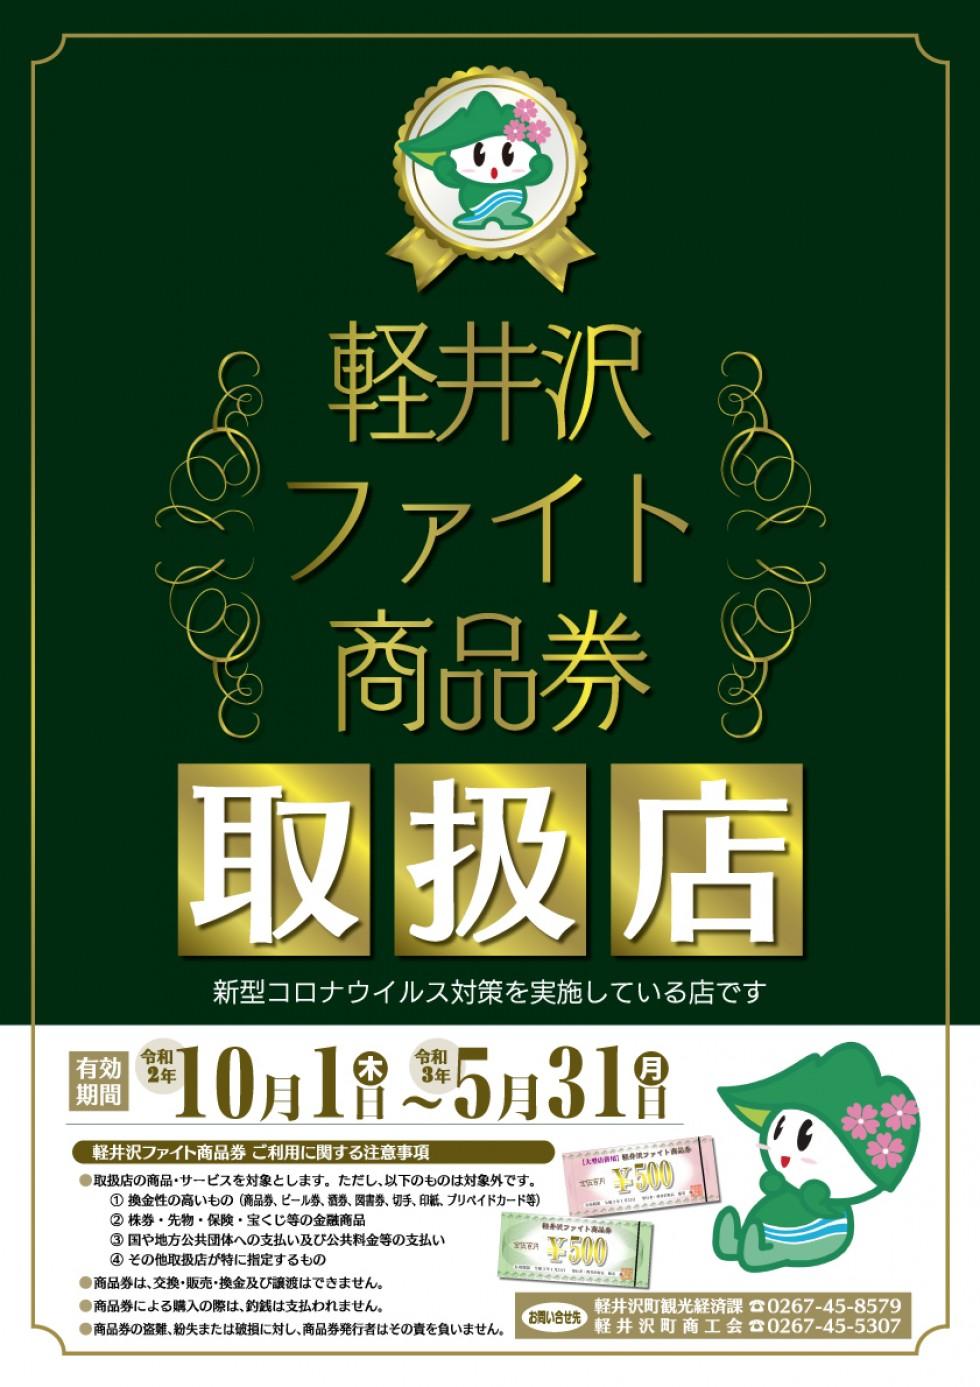 軽井沢町「軽井沢ファイト商品券」取扱店舗について